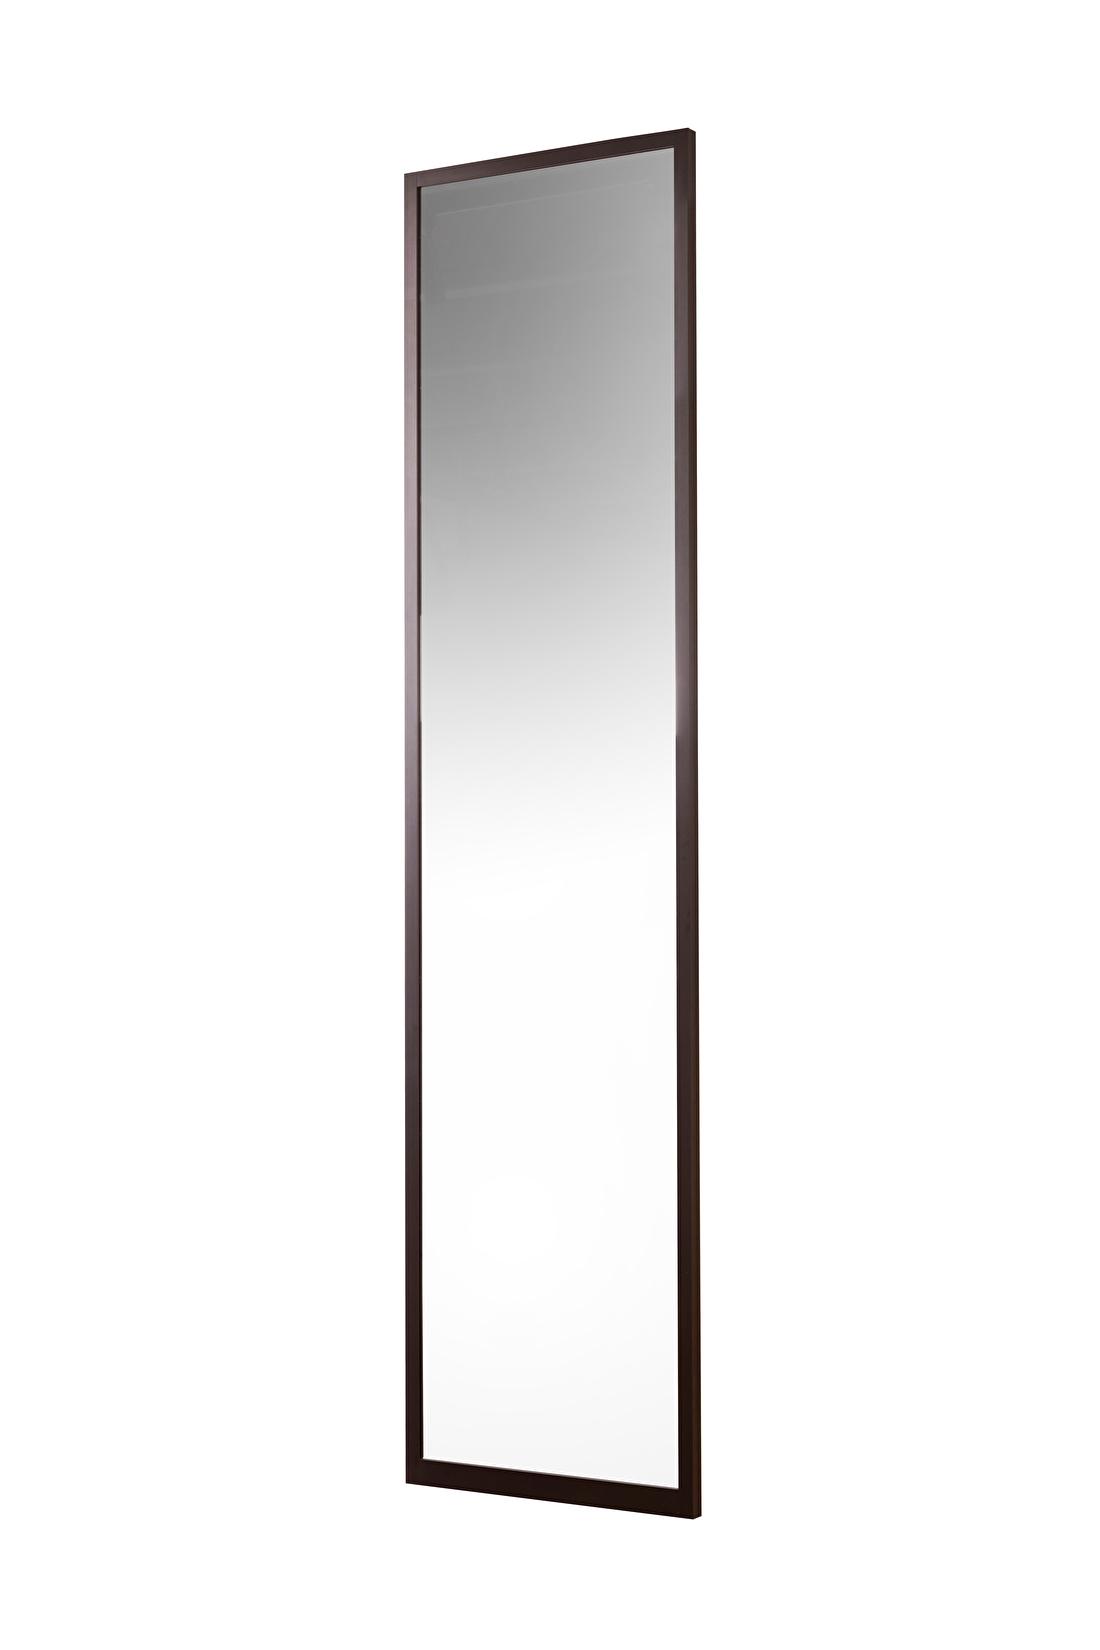 spiegel-500-24-1984-zwart-kader.jpg